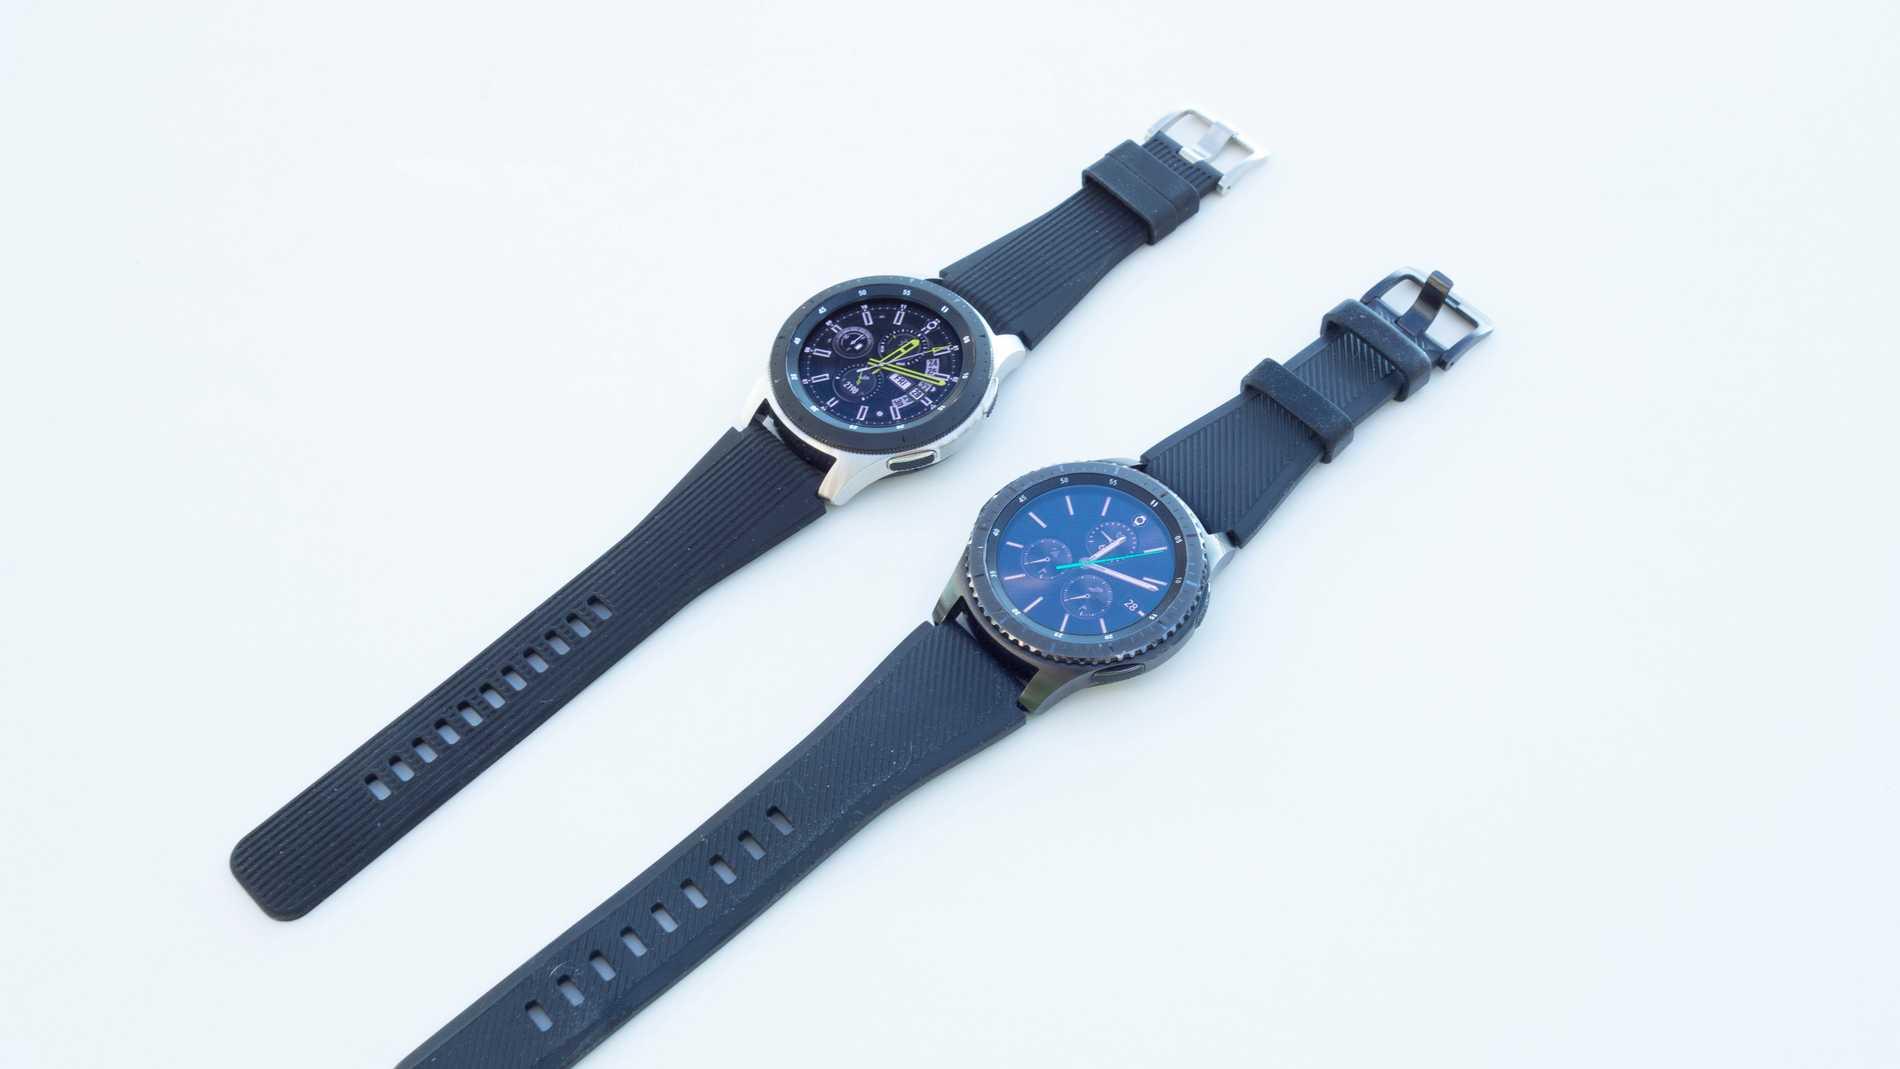 Galaxy Watch till vänster, Gear S3 Frontier till höger.